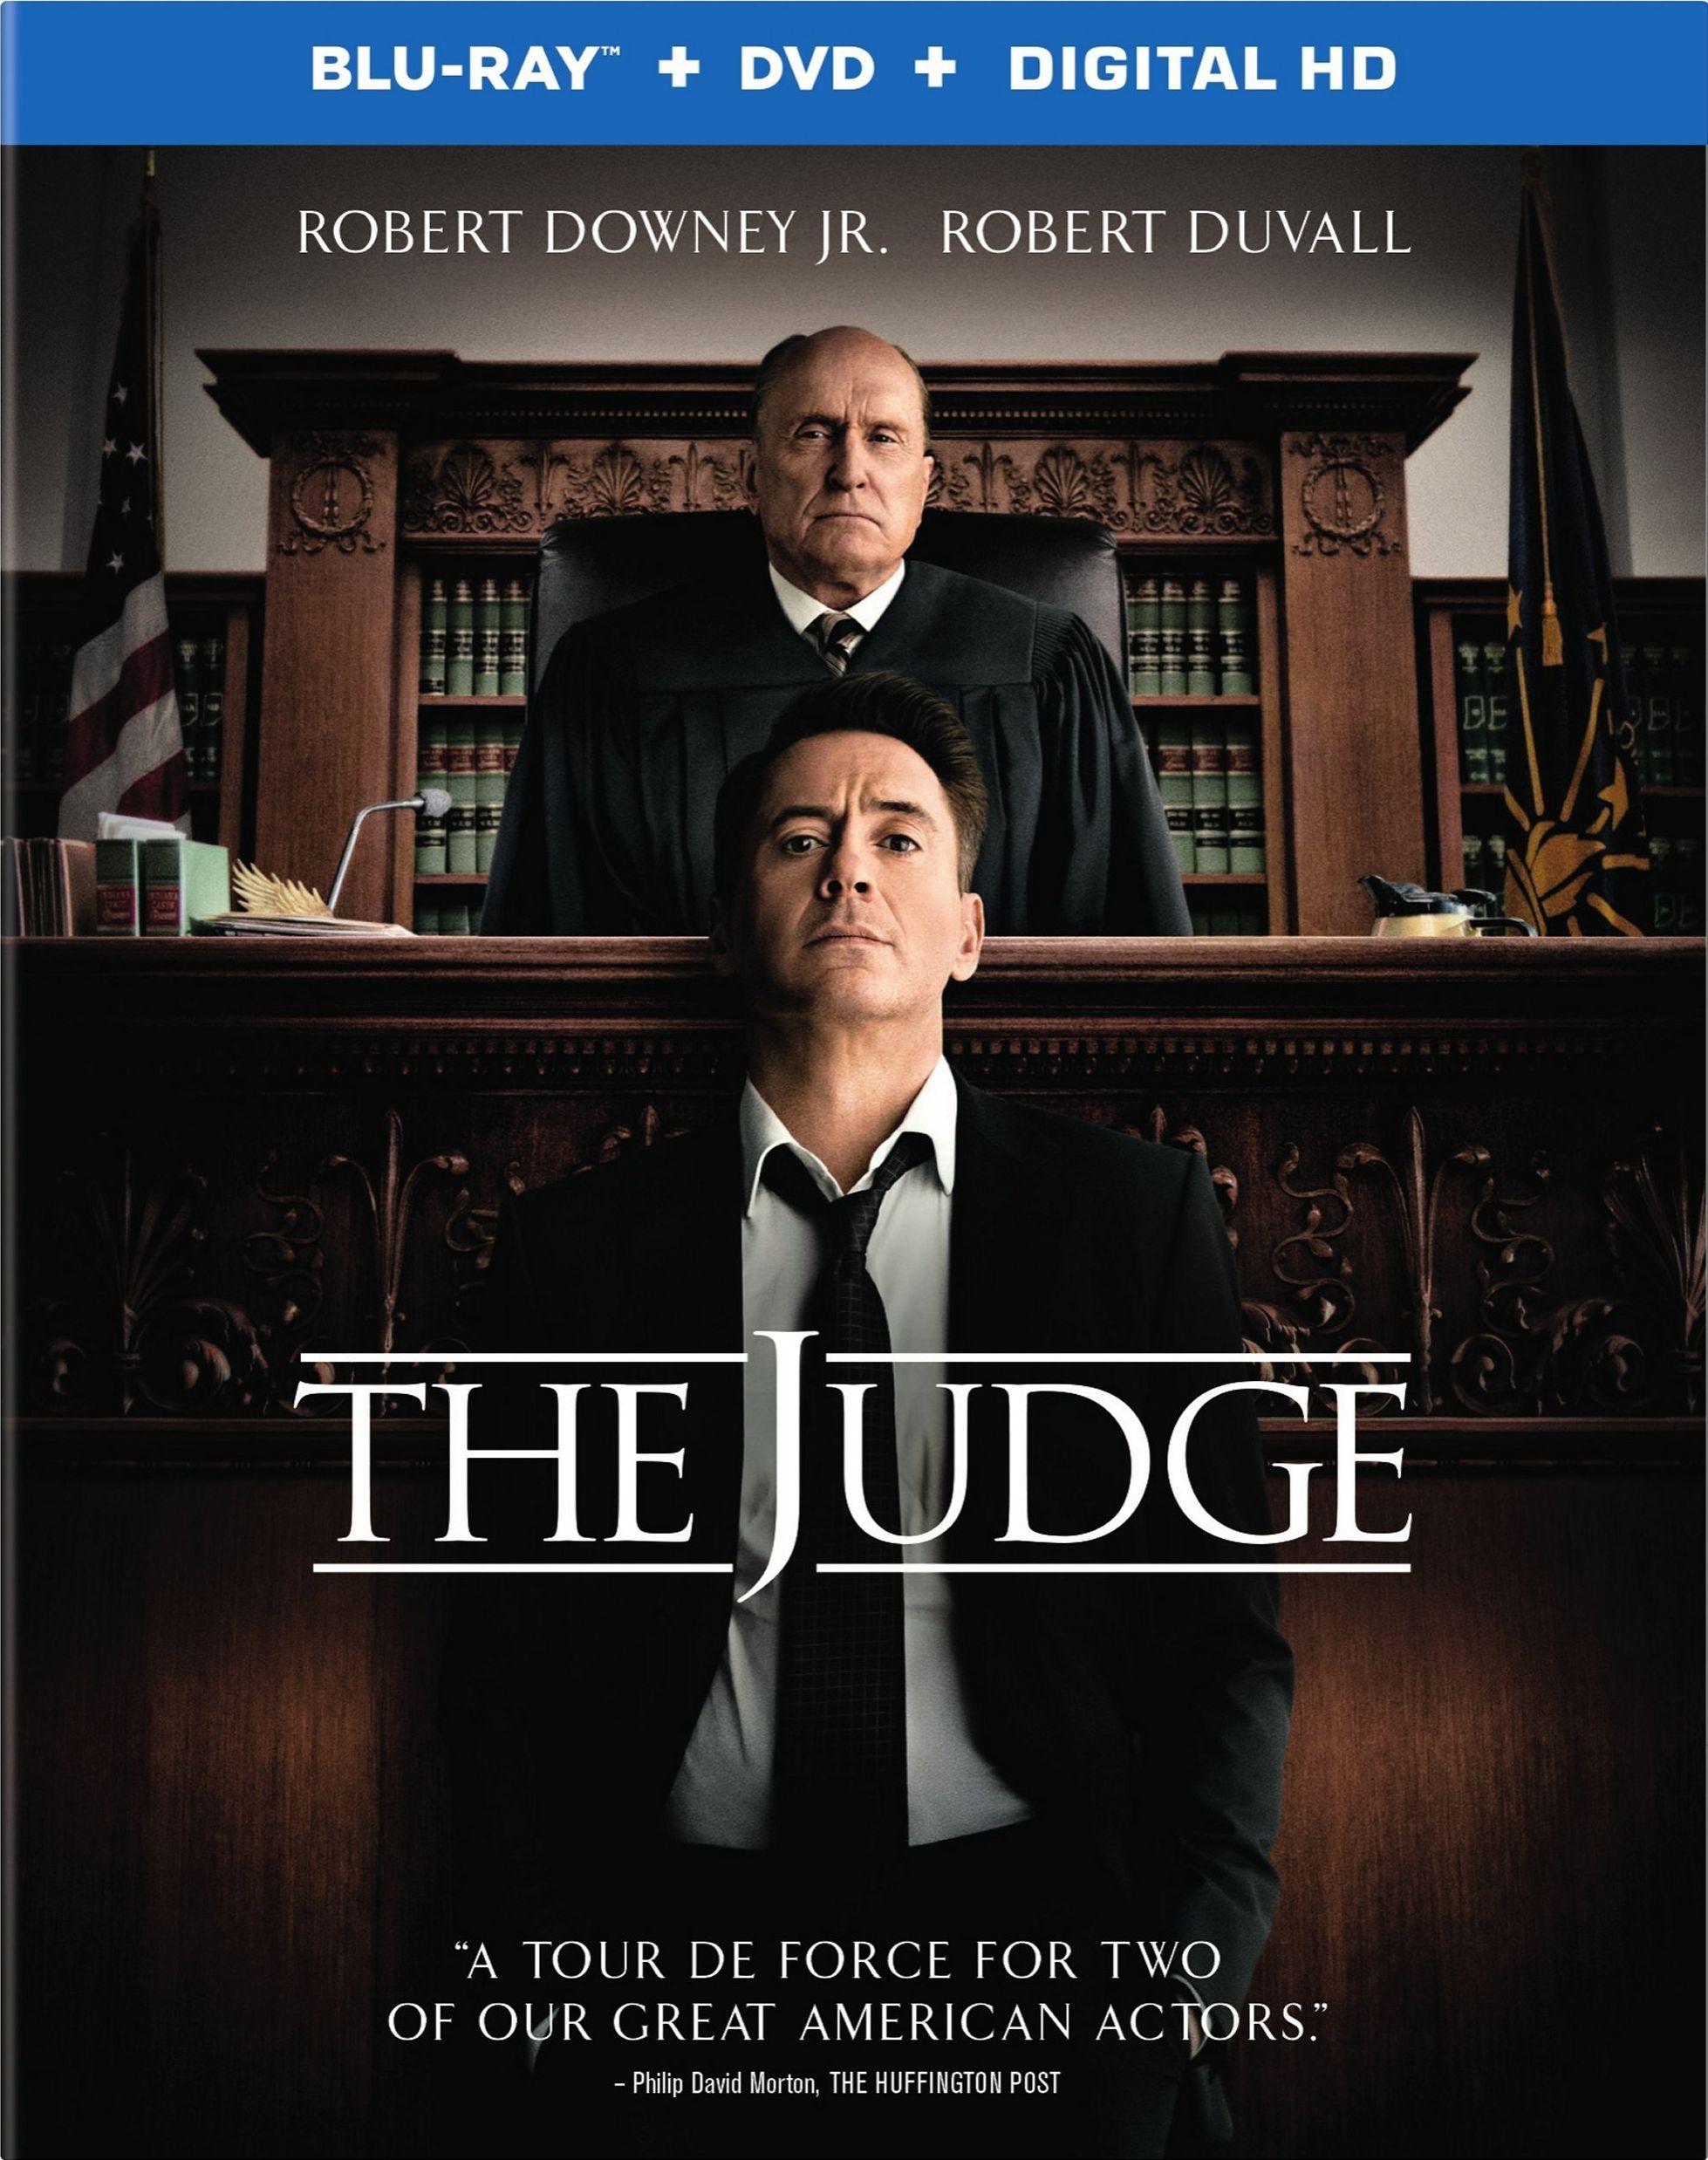 Descargar The Judge / El Juez [2014][Lat-Spa-Eng] * BluRay/BRRip ...